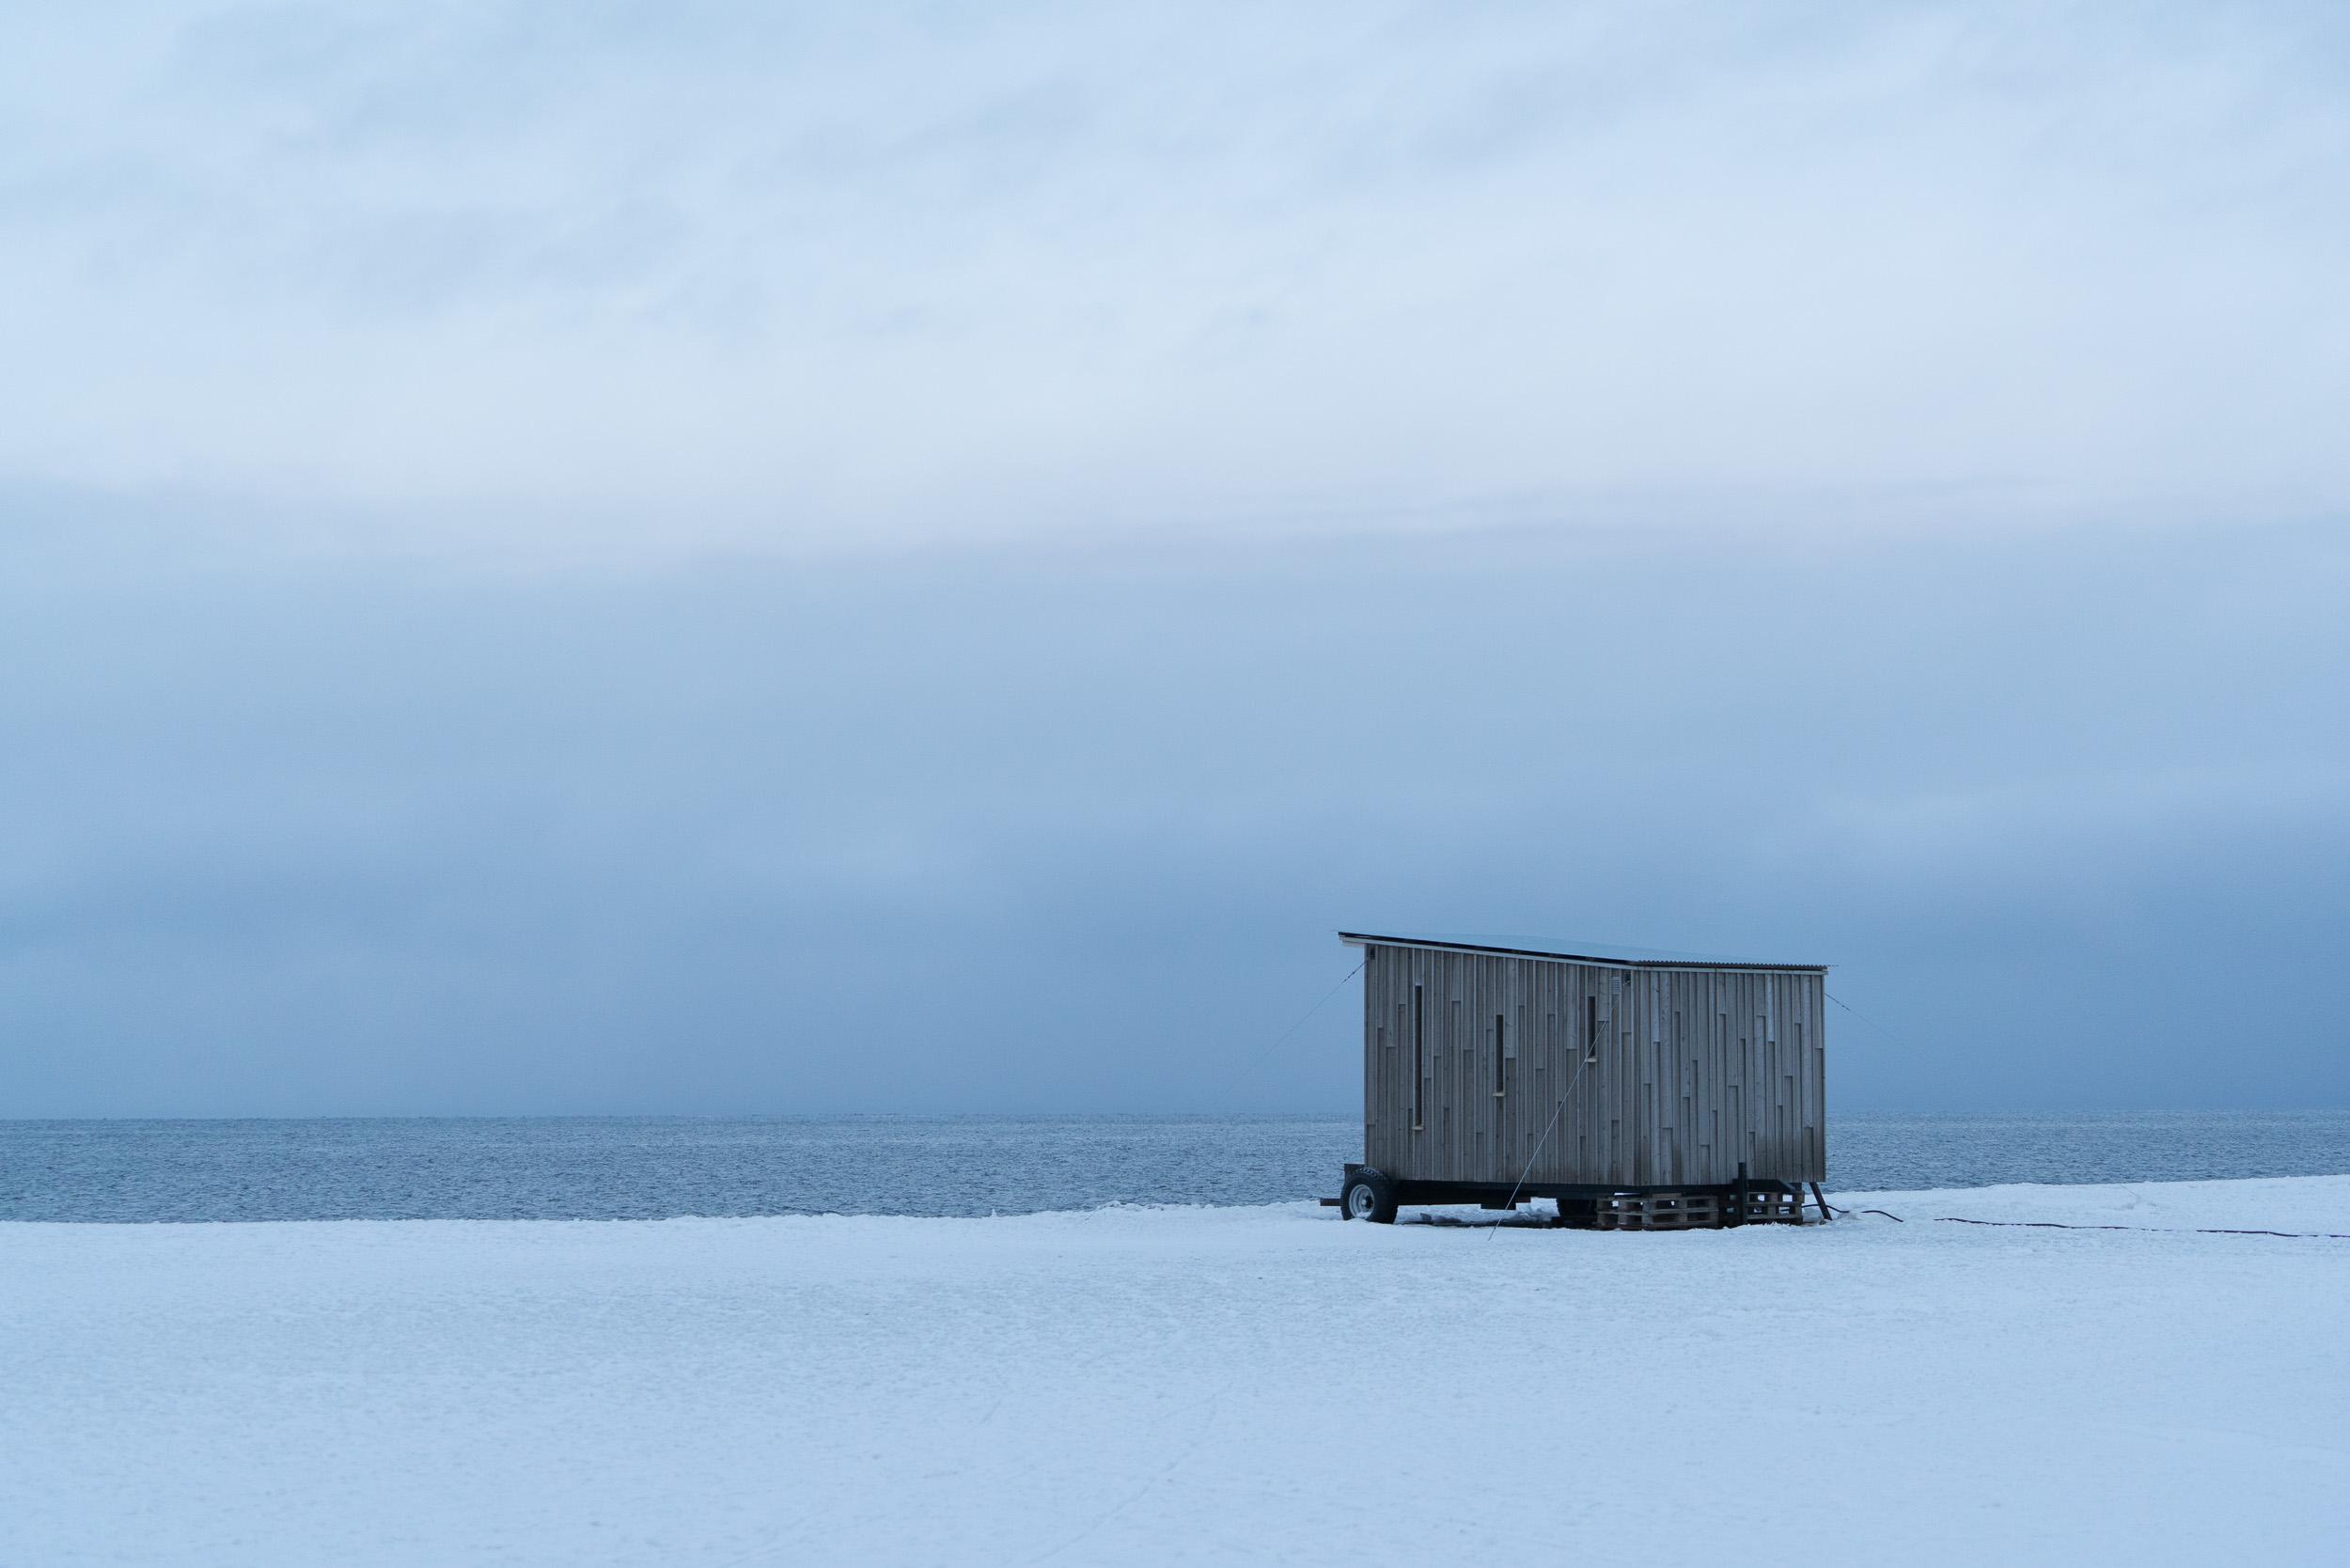 the_getaway_edit_svalbard_isfjord_radio-20.jpg